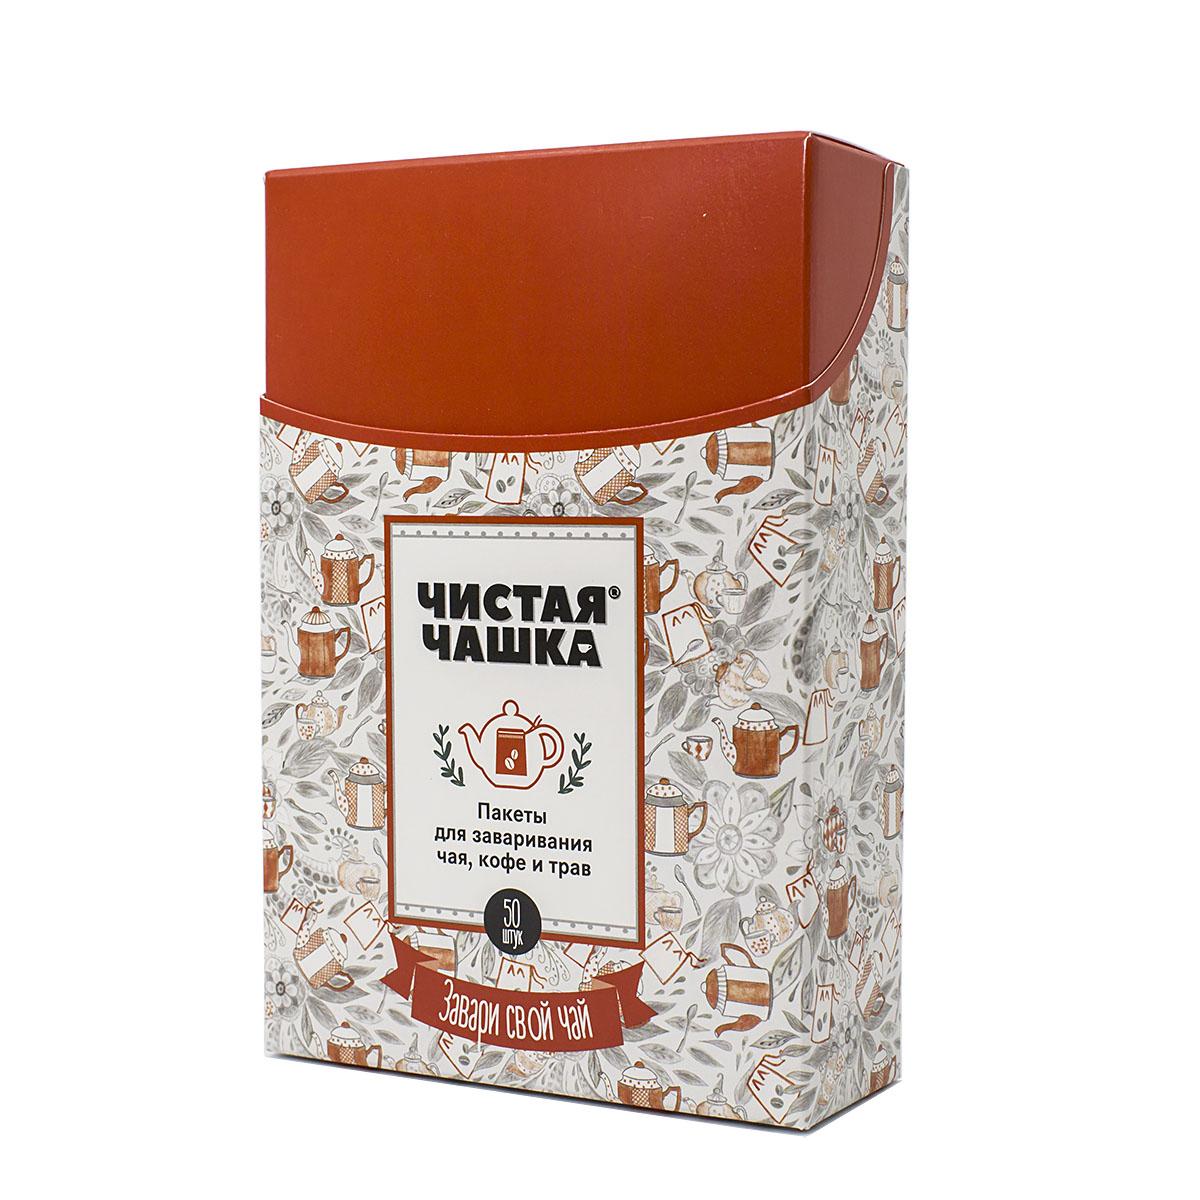 Фильтр-пакеты для заваривания чая, кофе, трав Чистая чашка, 10х13 см, 50 шт кружка для заваривания чая rosenberg 0 3 л голубой